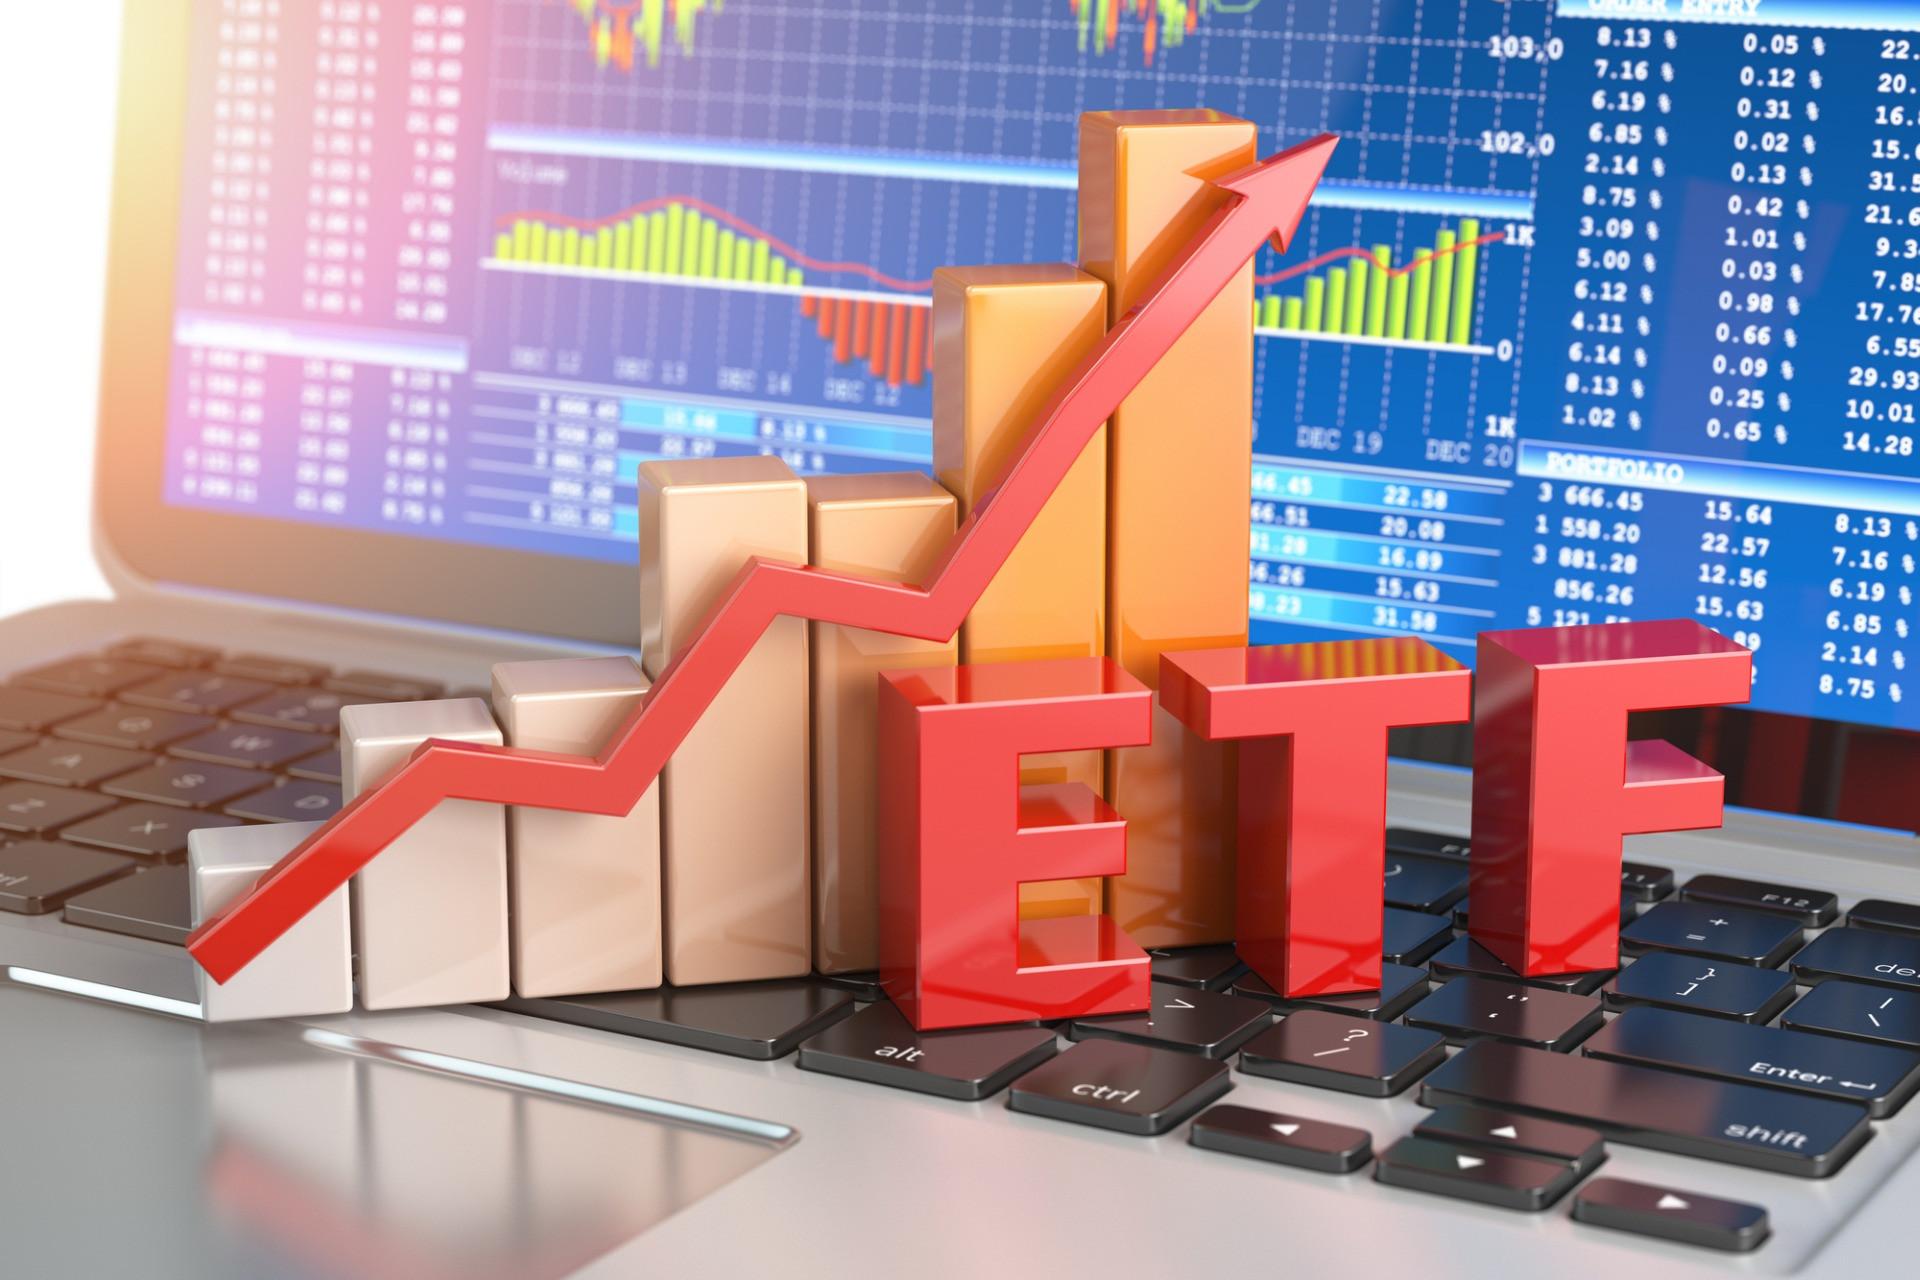 Как правильно составить инвестиционный портфель на 2022 год новичку